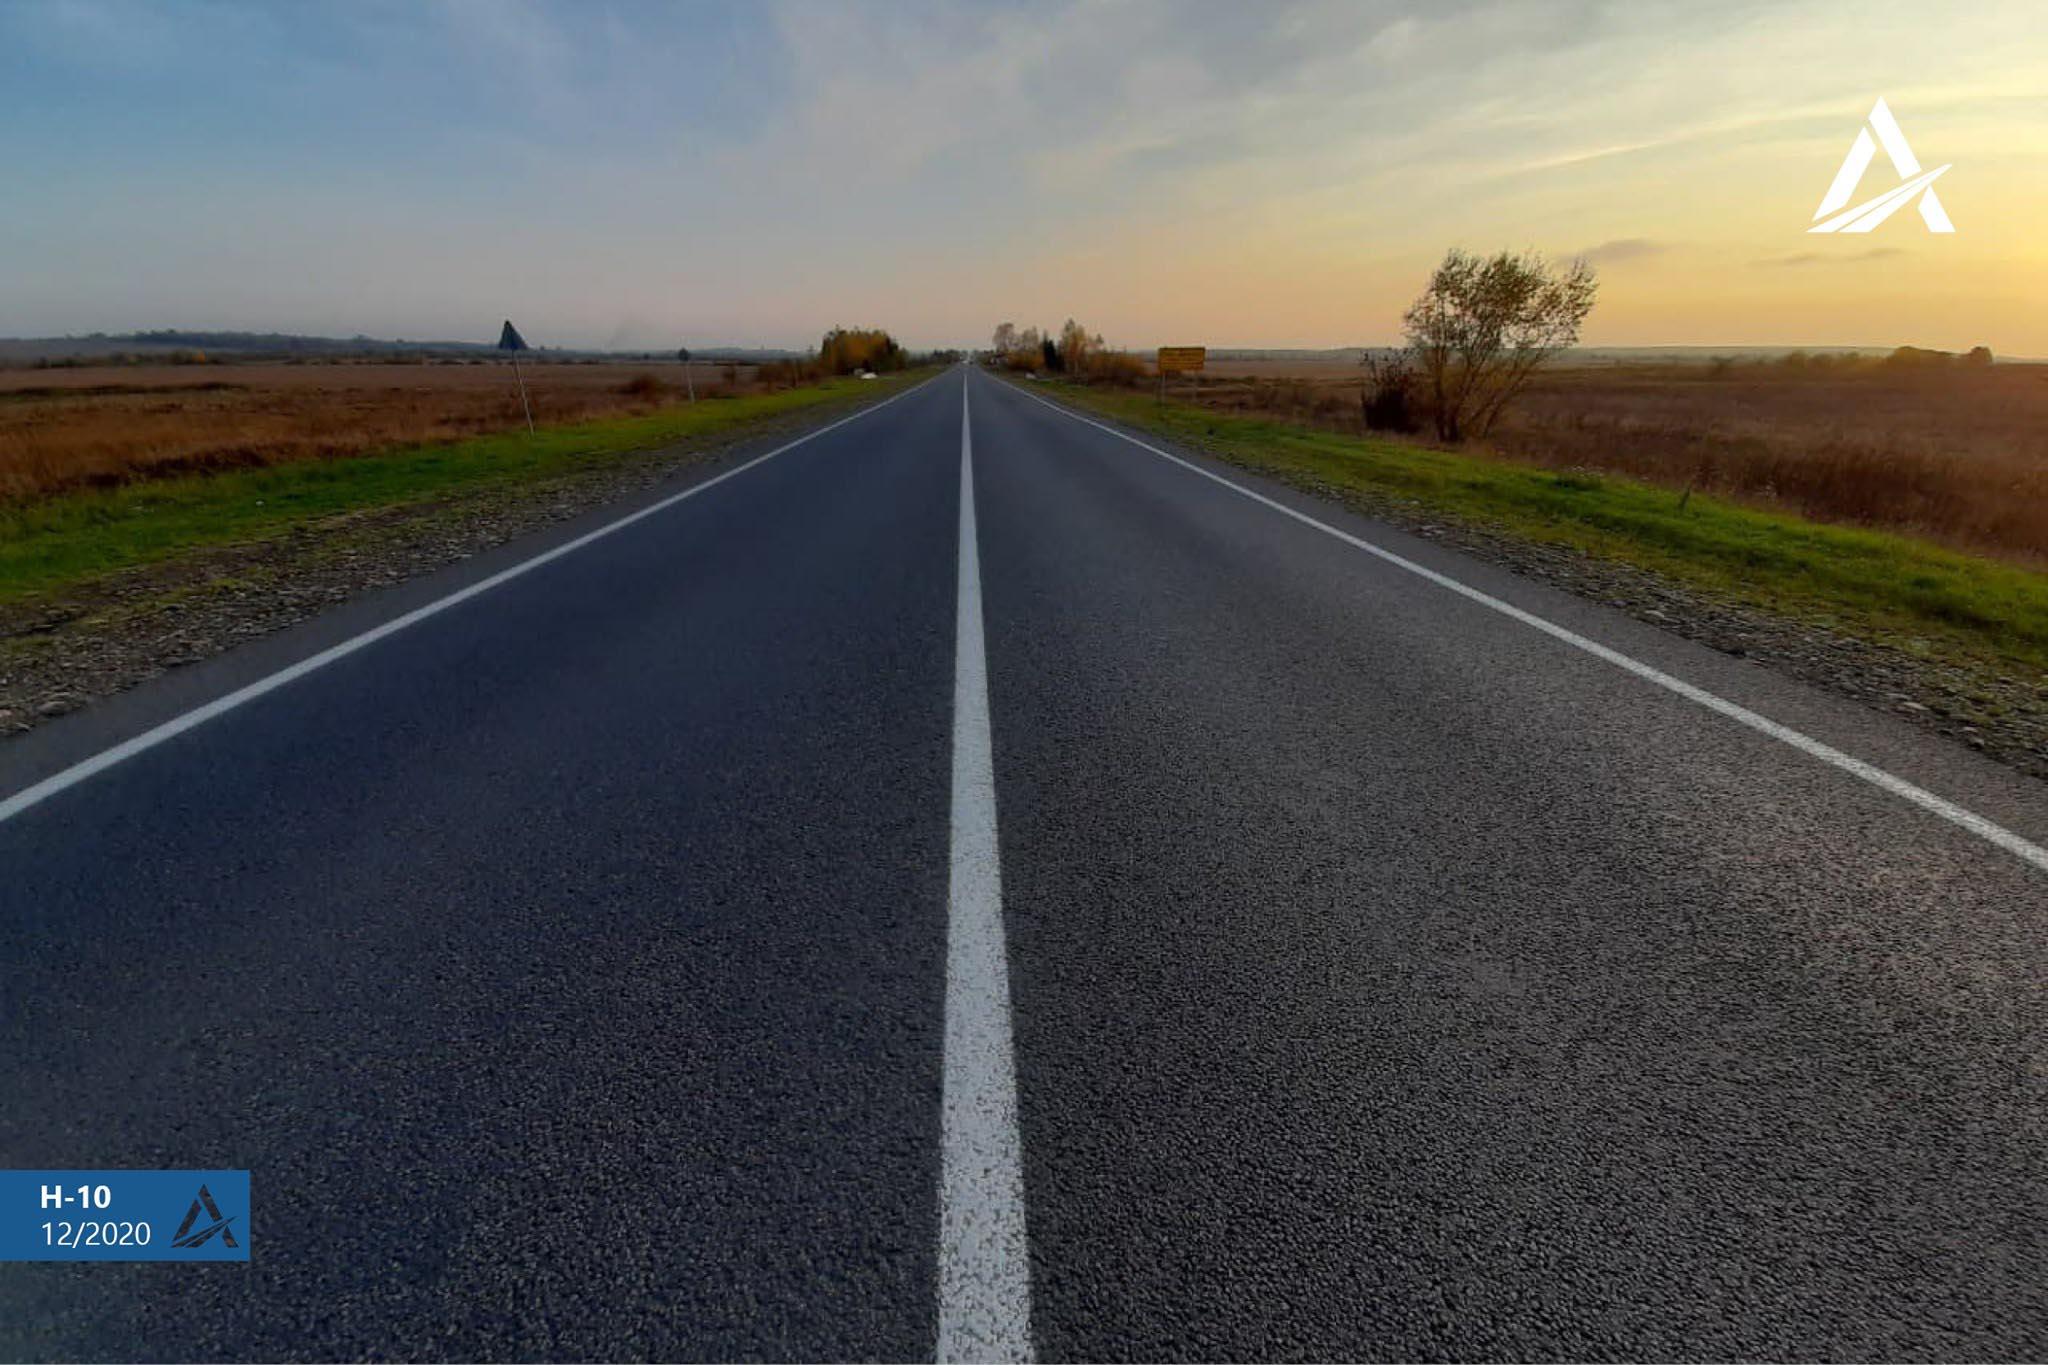 Вдвічі більше, ніж планували: цьогоріч Укравтодор відремонтував 35 км дороги Н-10 на Прикарпатті